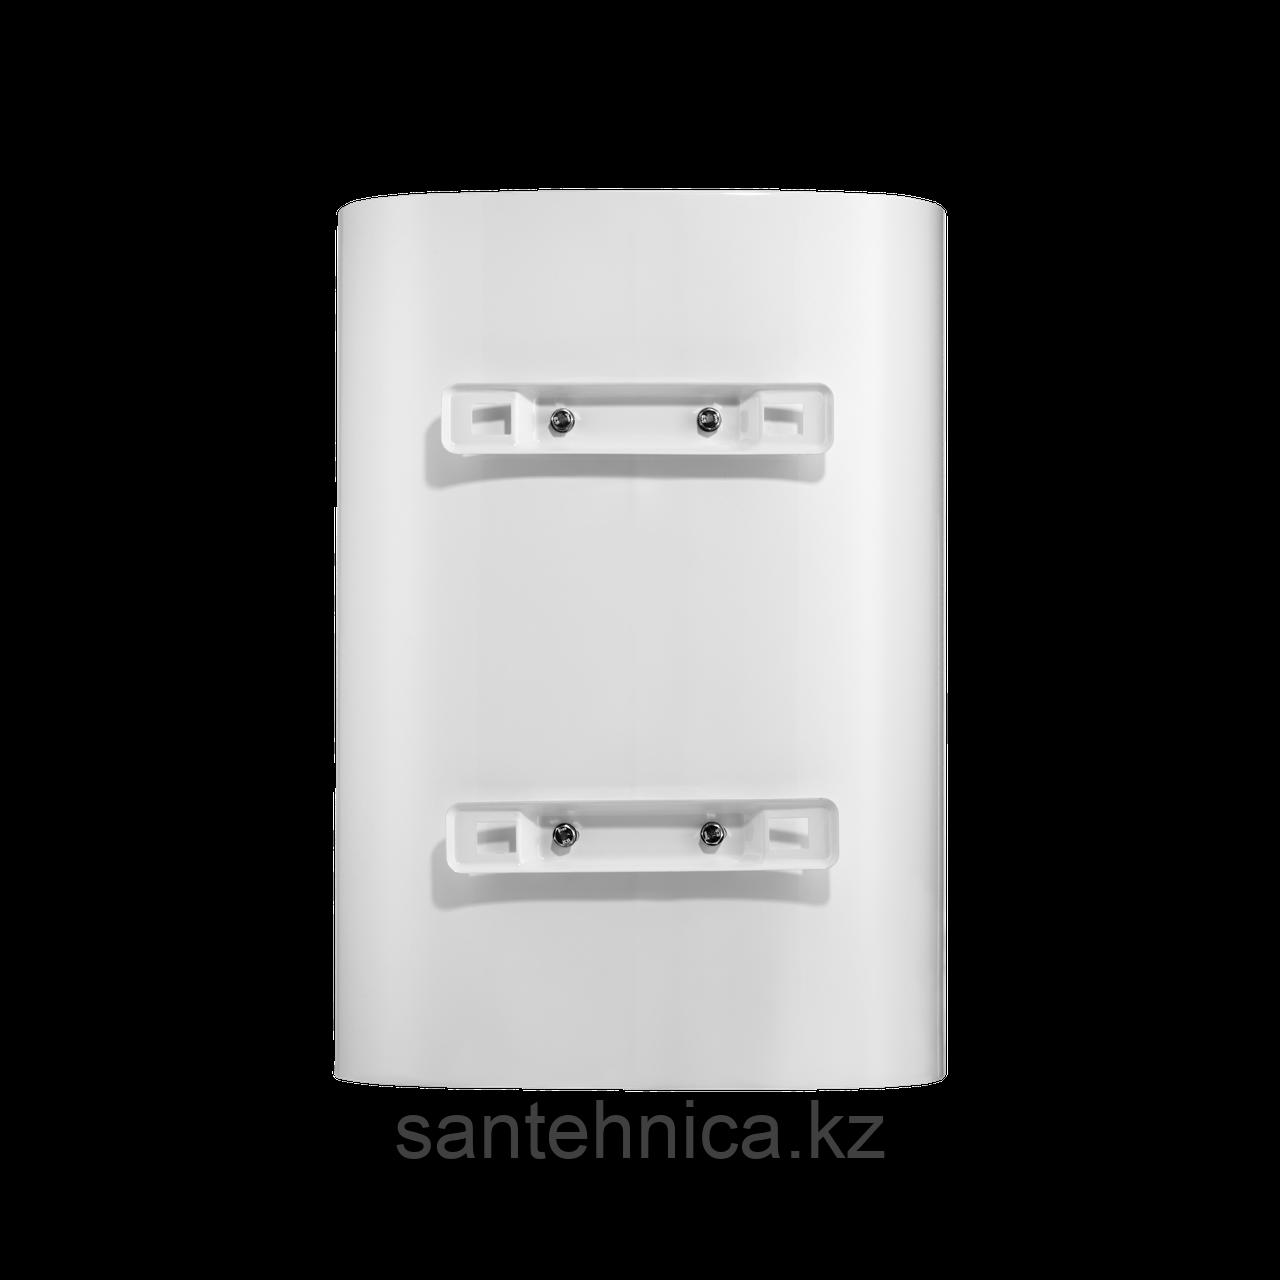 Электрический водонагреватель Electrolux EWH 30 Gladius 2.0 СУХИЕ ТЕНЫ - фото 3